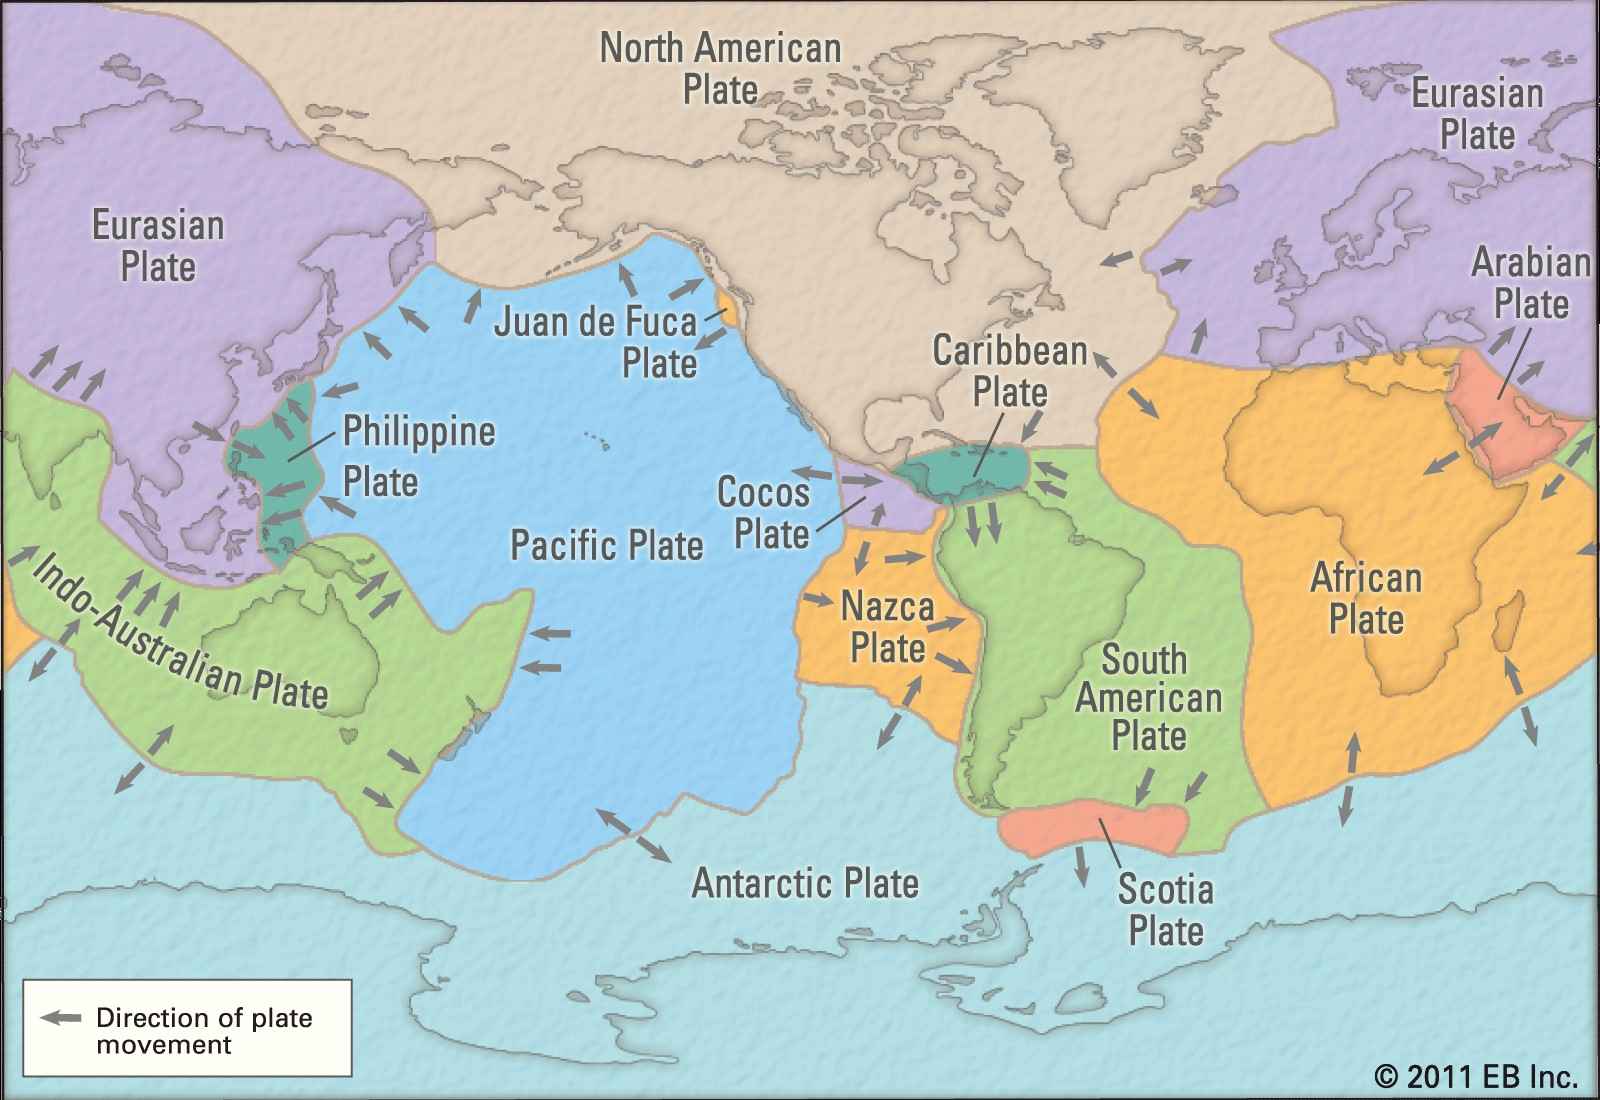 صفحه های اصلی تشکیل دهنده پوسته زمین